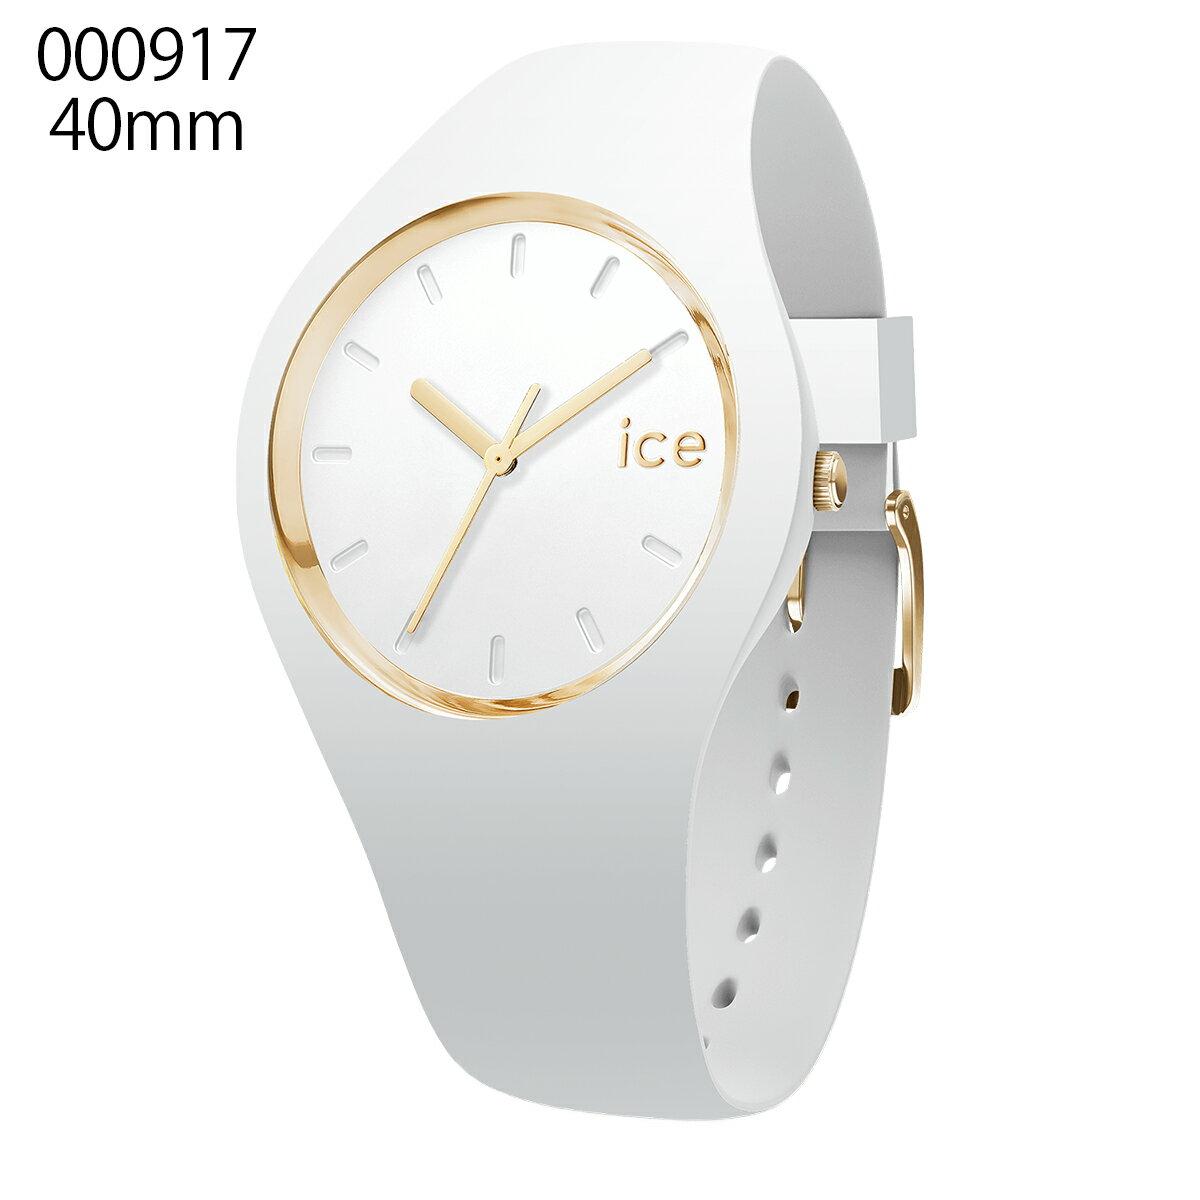 アイスウォッチ ICE-WATCH アイス グラム Ice Glam ICE.GL.WE.U.S.13 000917 レディース 時計 腕時計 クオーツ